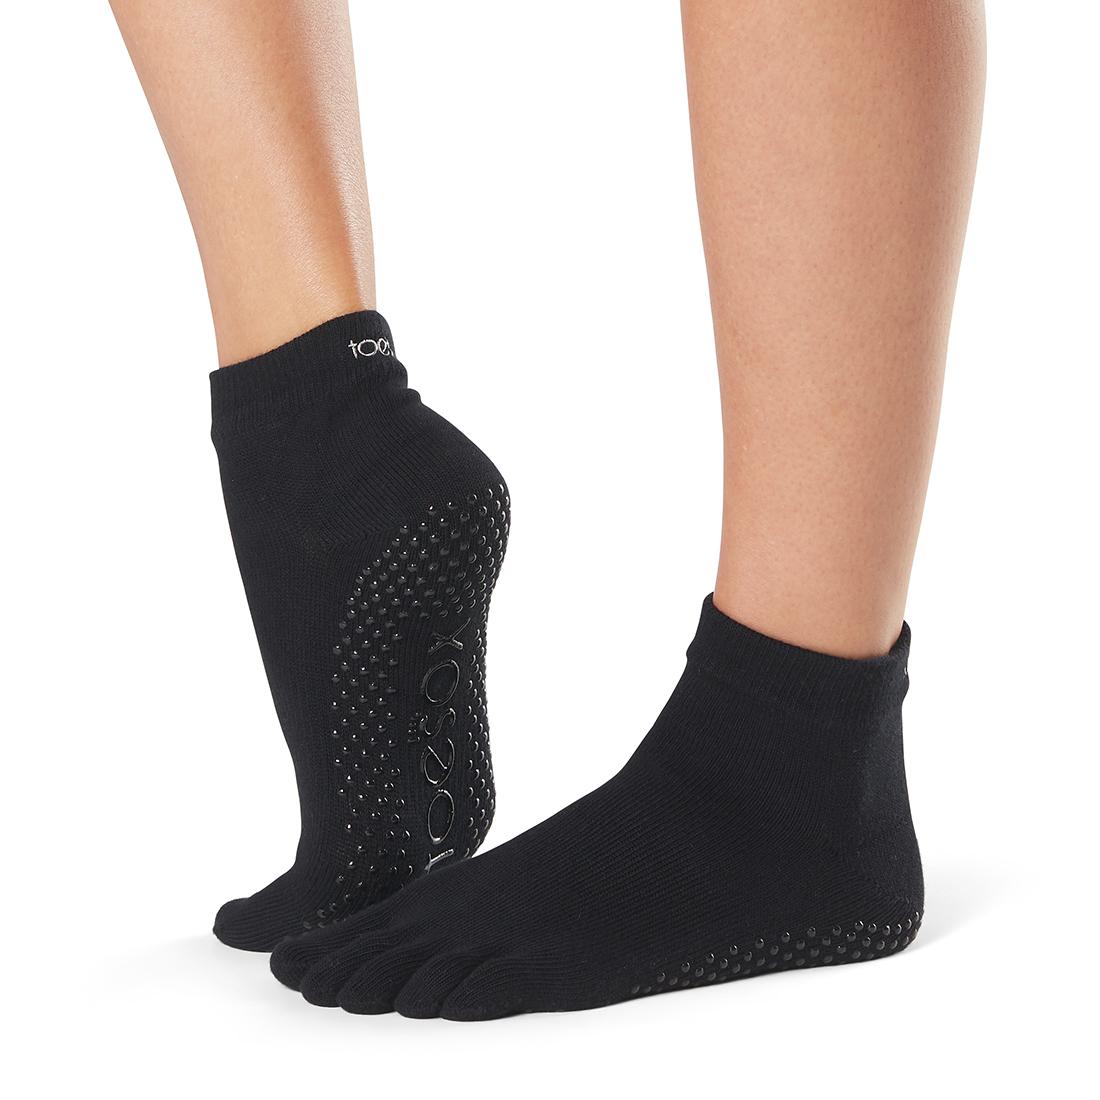 Yogasocken ToeSox Ankle Full Toe Black - 1